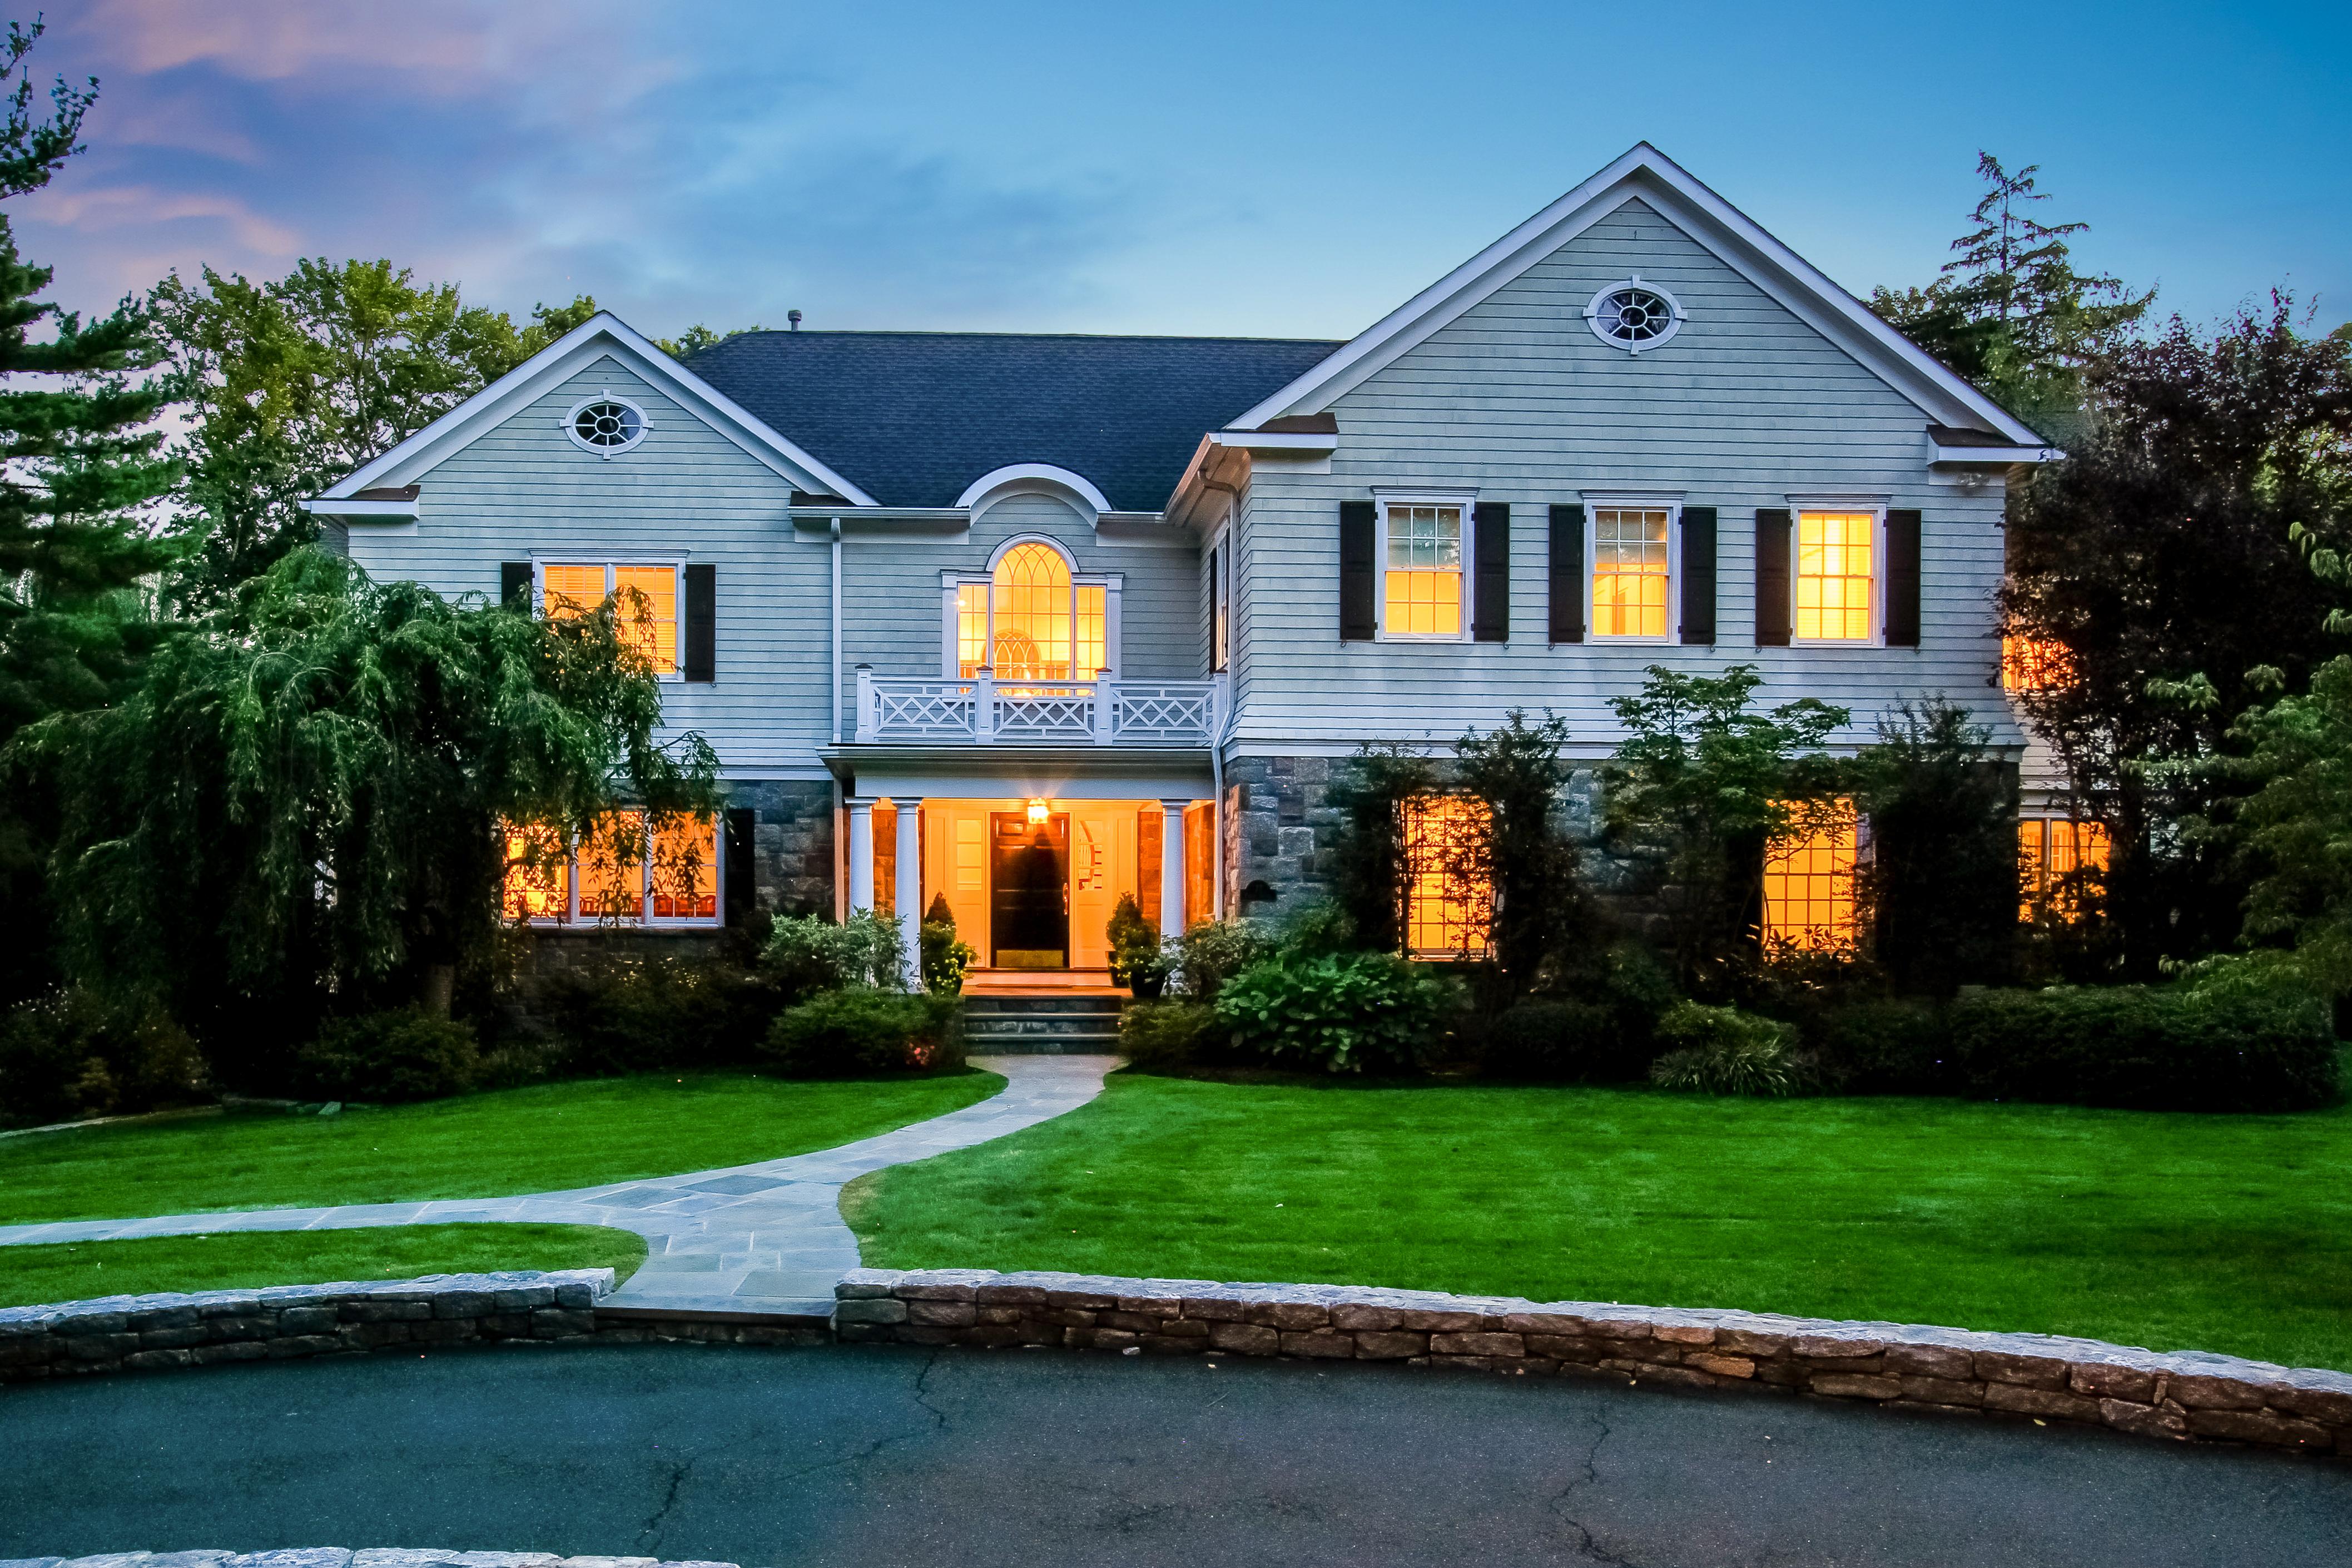 独户住宅 为 销售 在 77 Forest Avenue 拉伊, 纽约州, 10580 美国